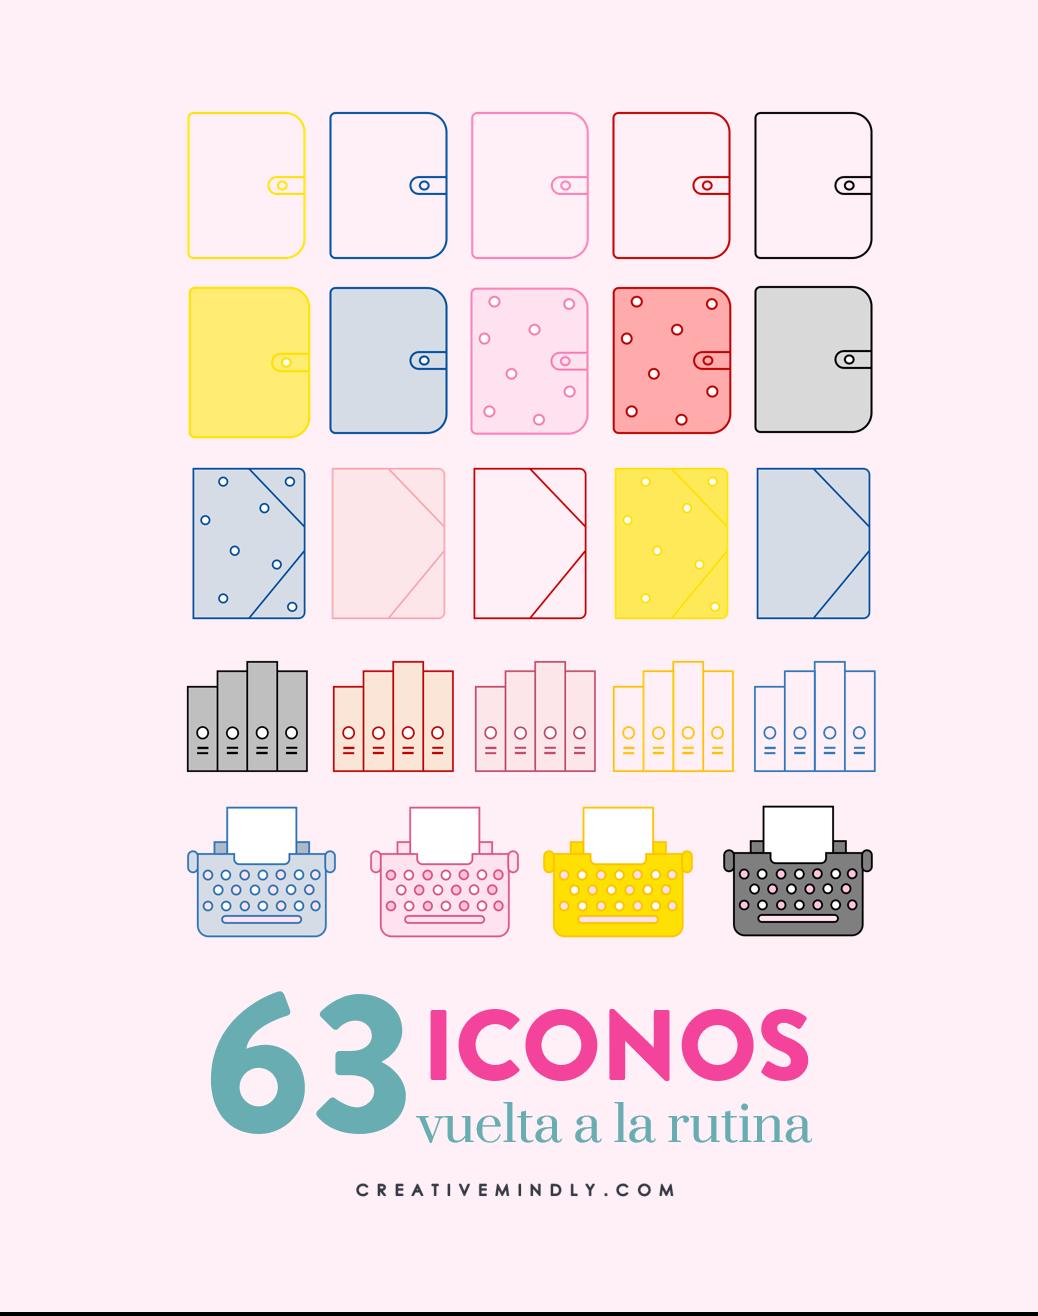 iconos bonitos organizar ordenador